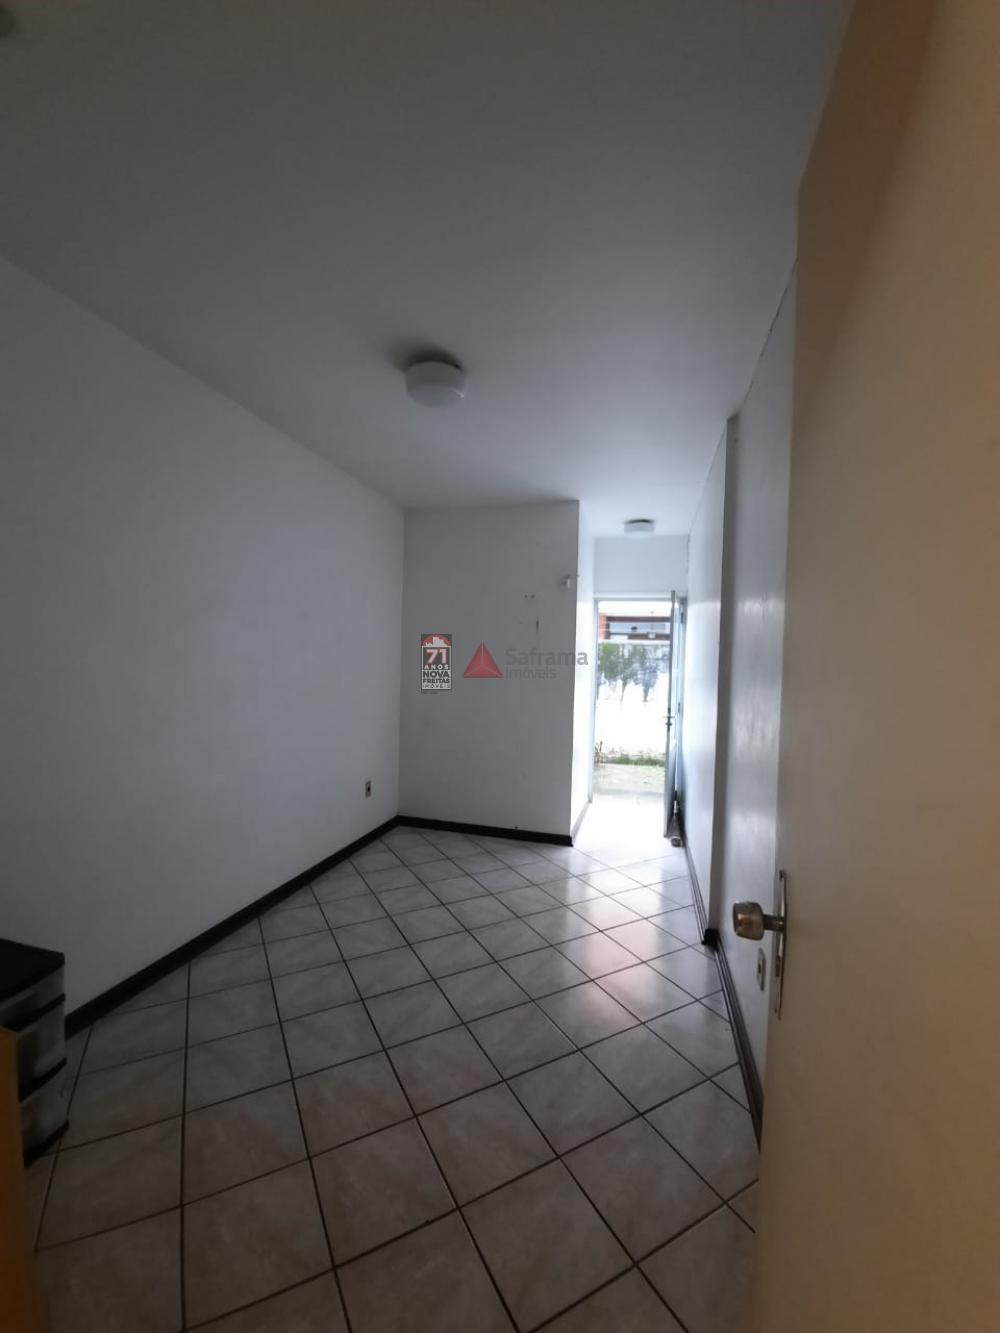 Comprar Casa / Condomínio em São José dos Campos apenas R$ 1.800.000,00 - Foto 23